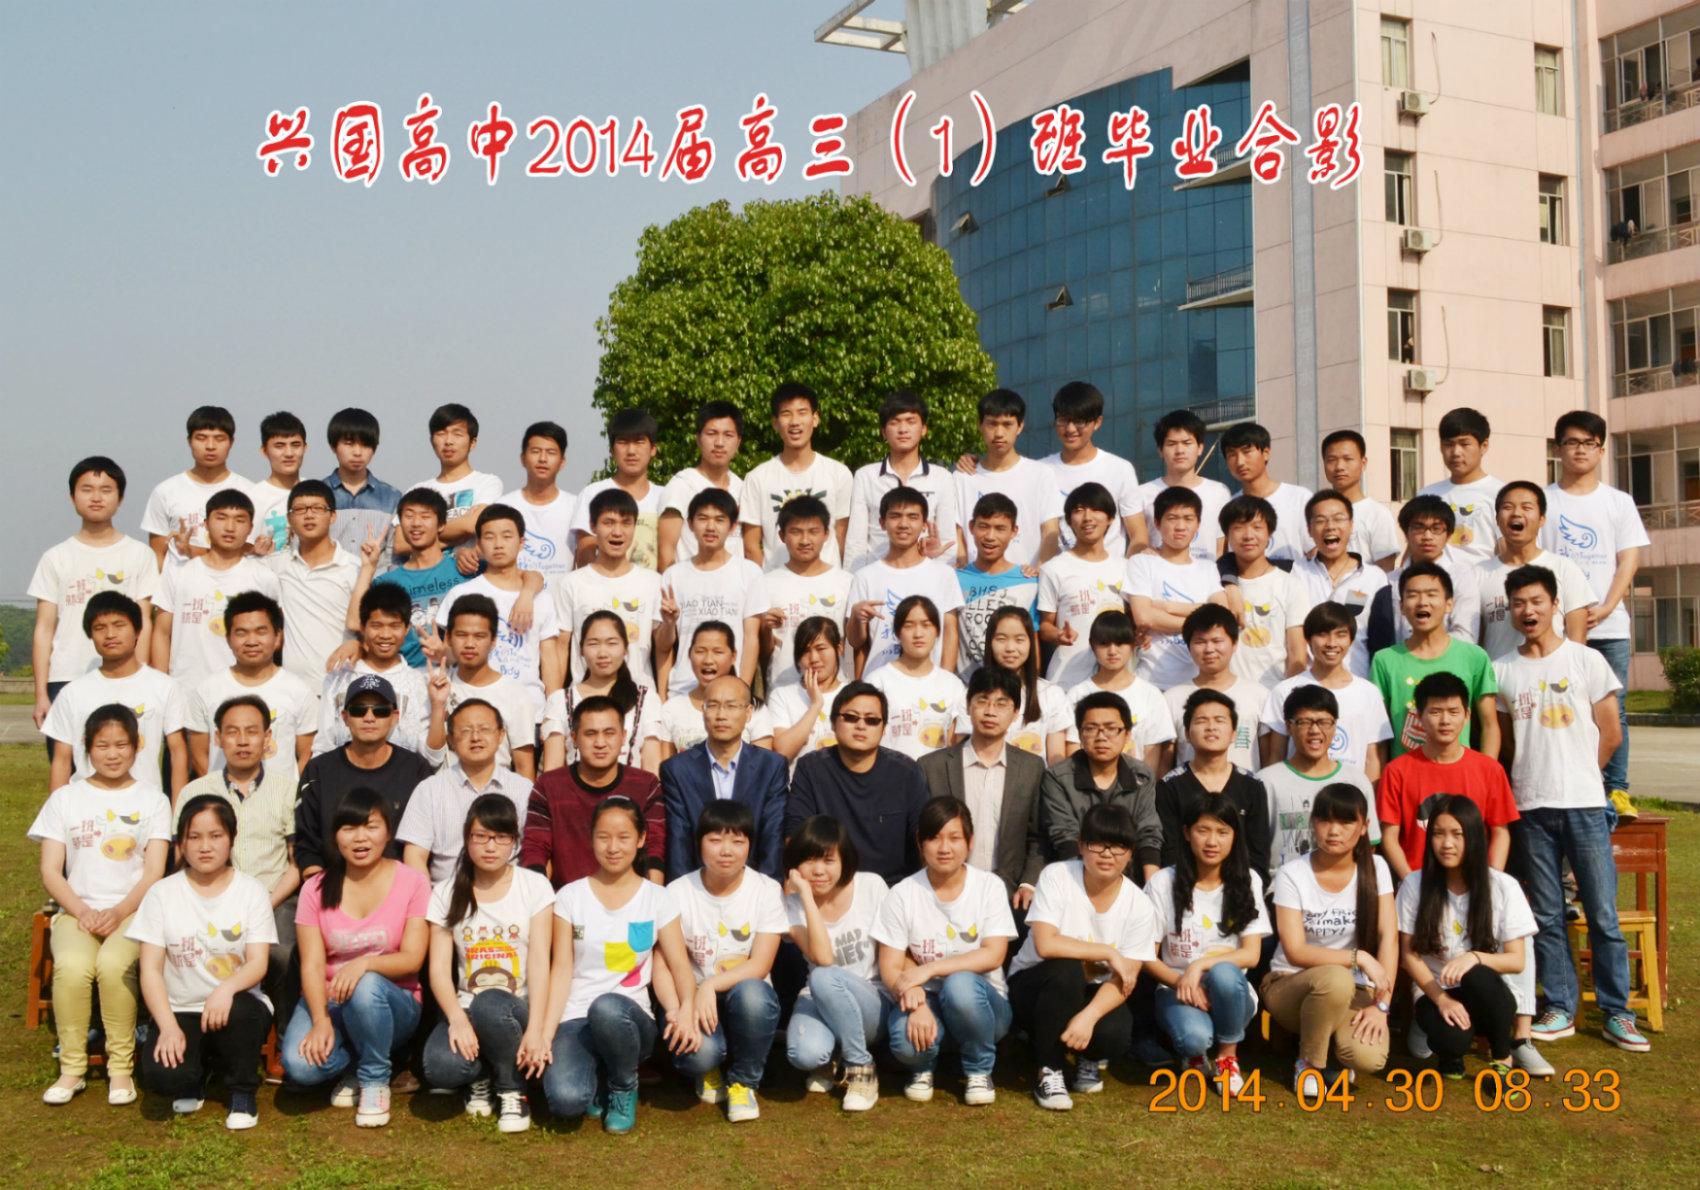 興國高中2014屆同學畢業相冊